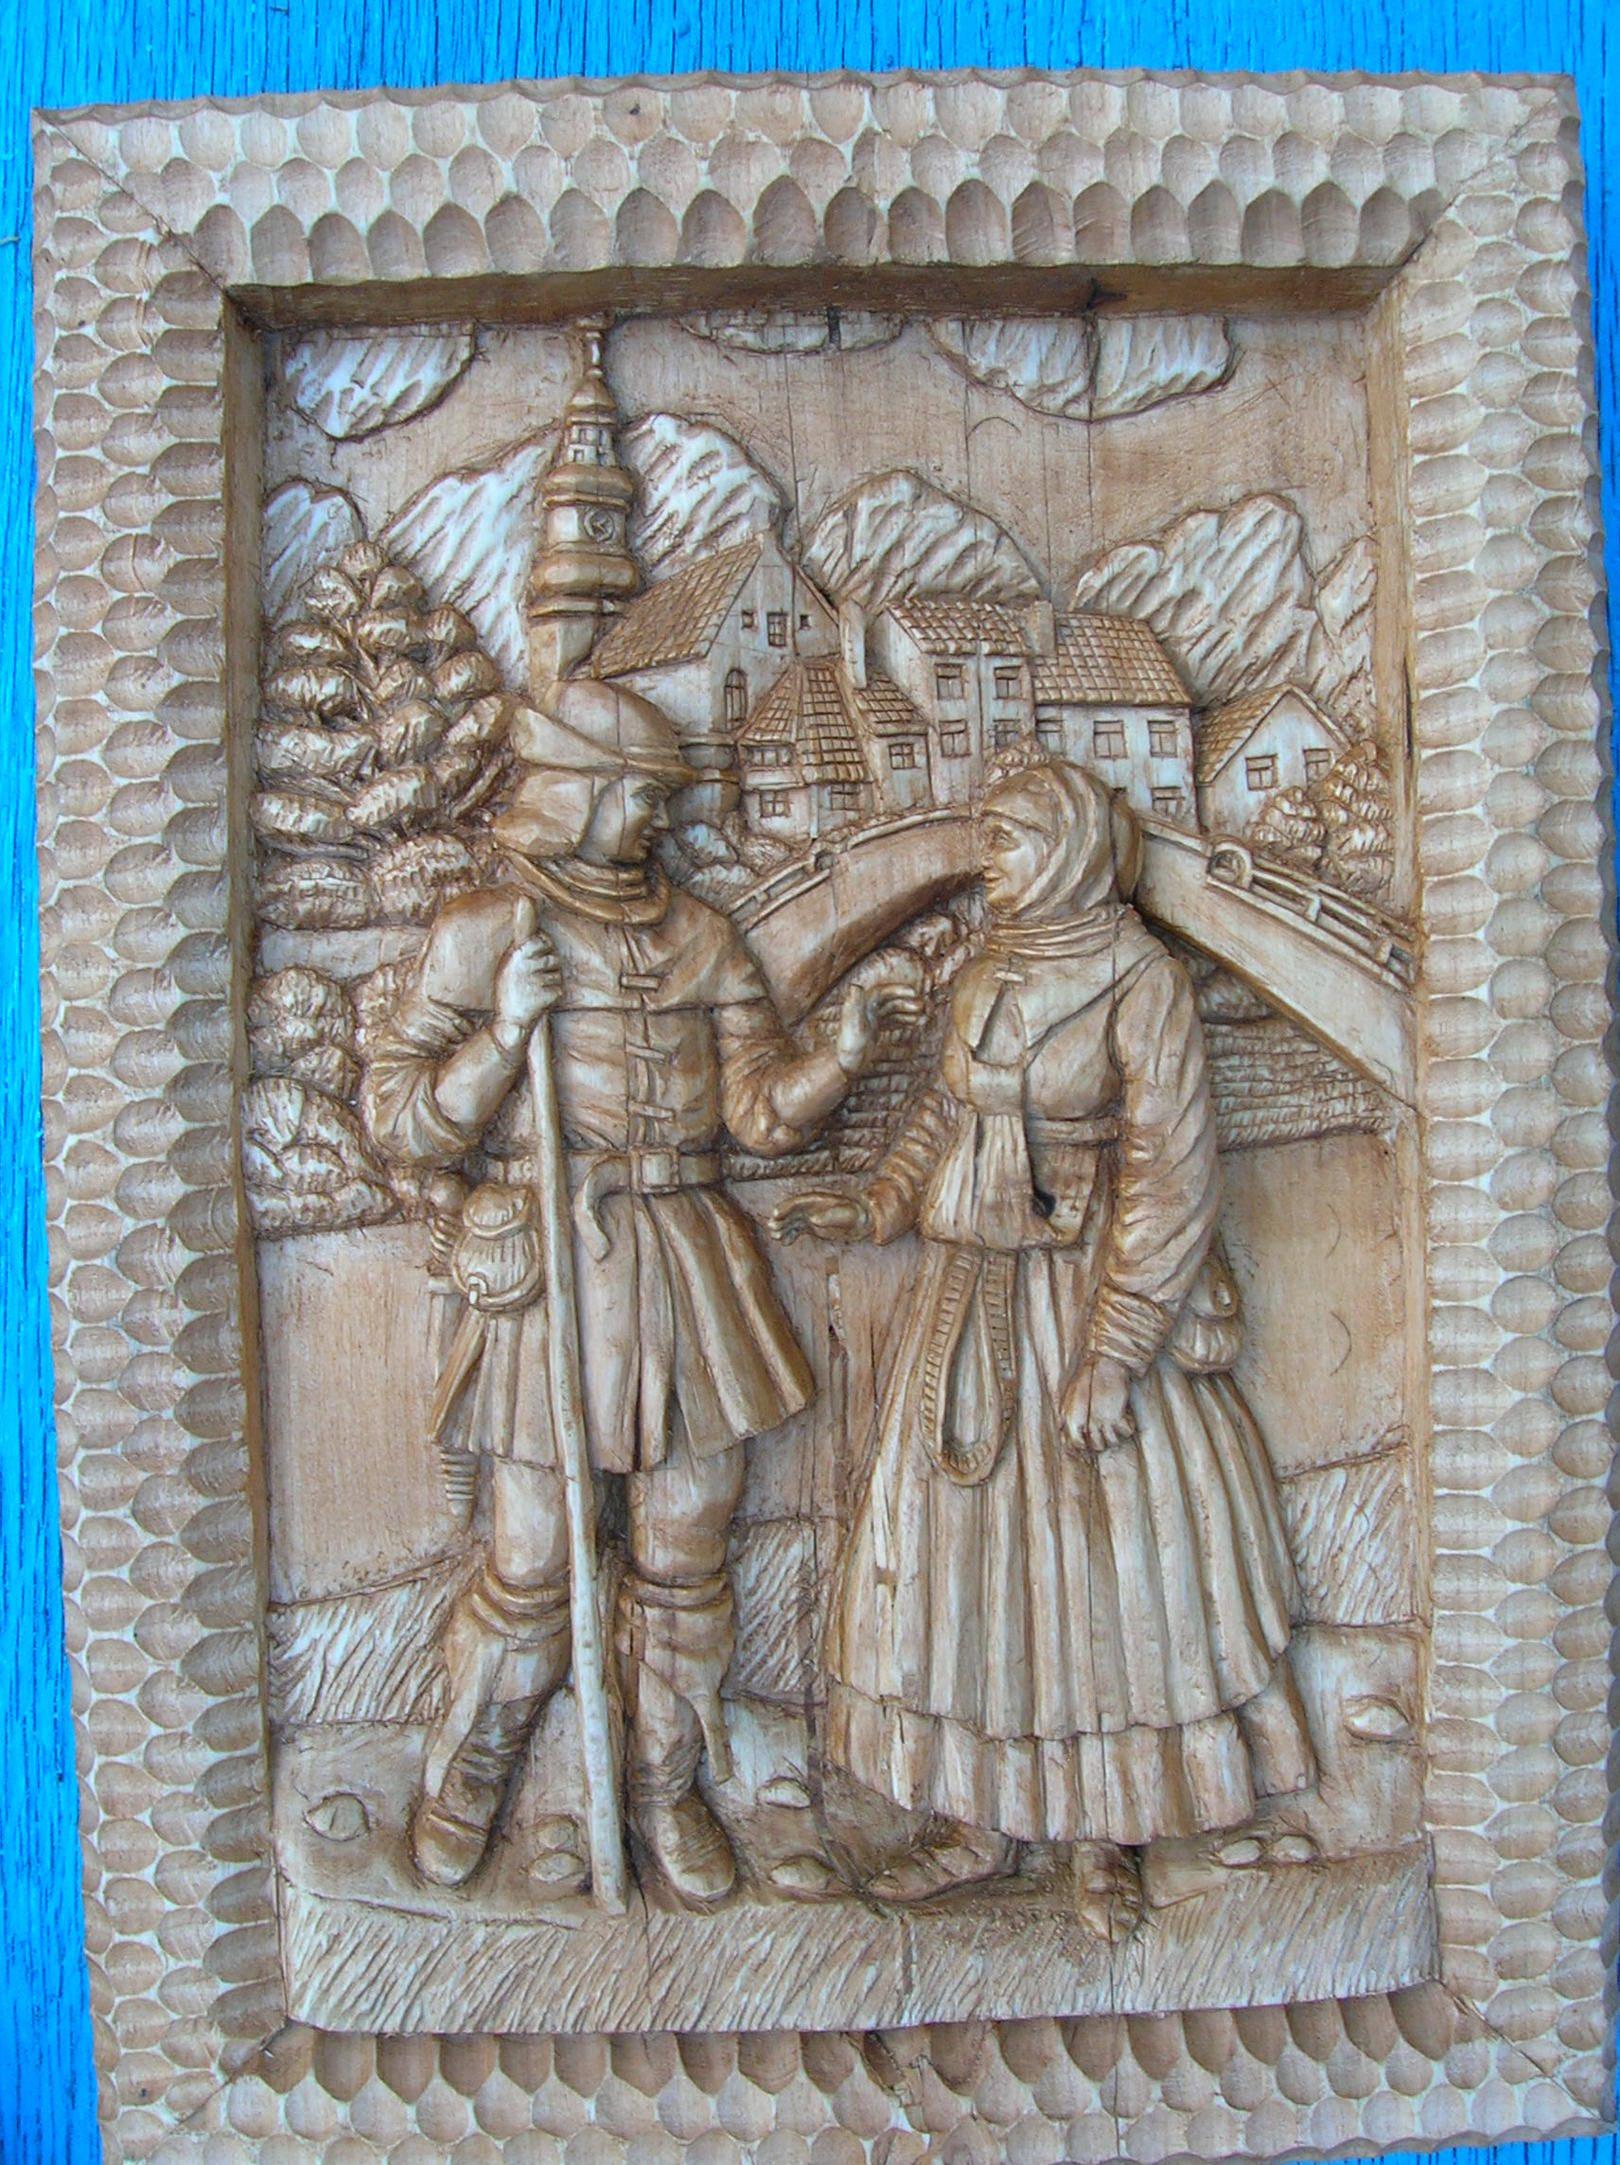 Свидание охотника и работницы, занимающейся отбеливанием тканей. Костюмы 16 века Мост построен 1927 году, но уж очень захотелось устроить свидание на фоне именно Радужного моста